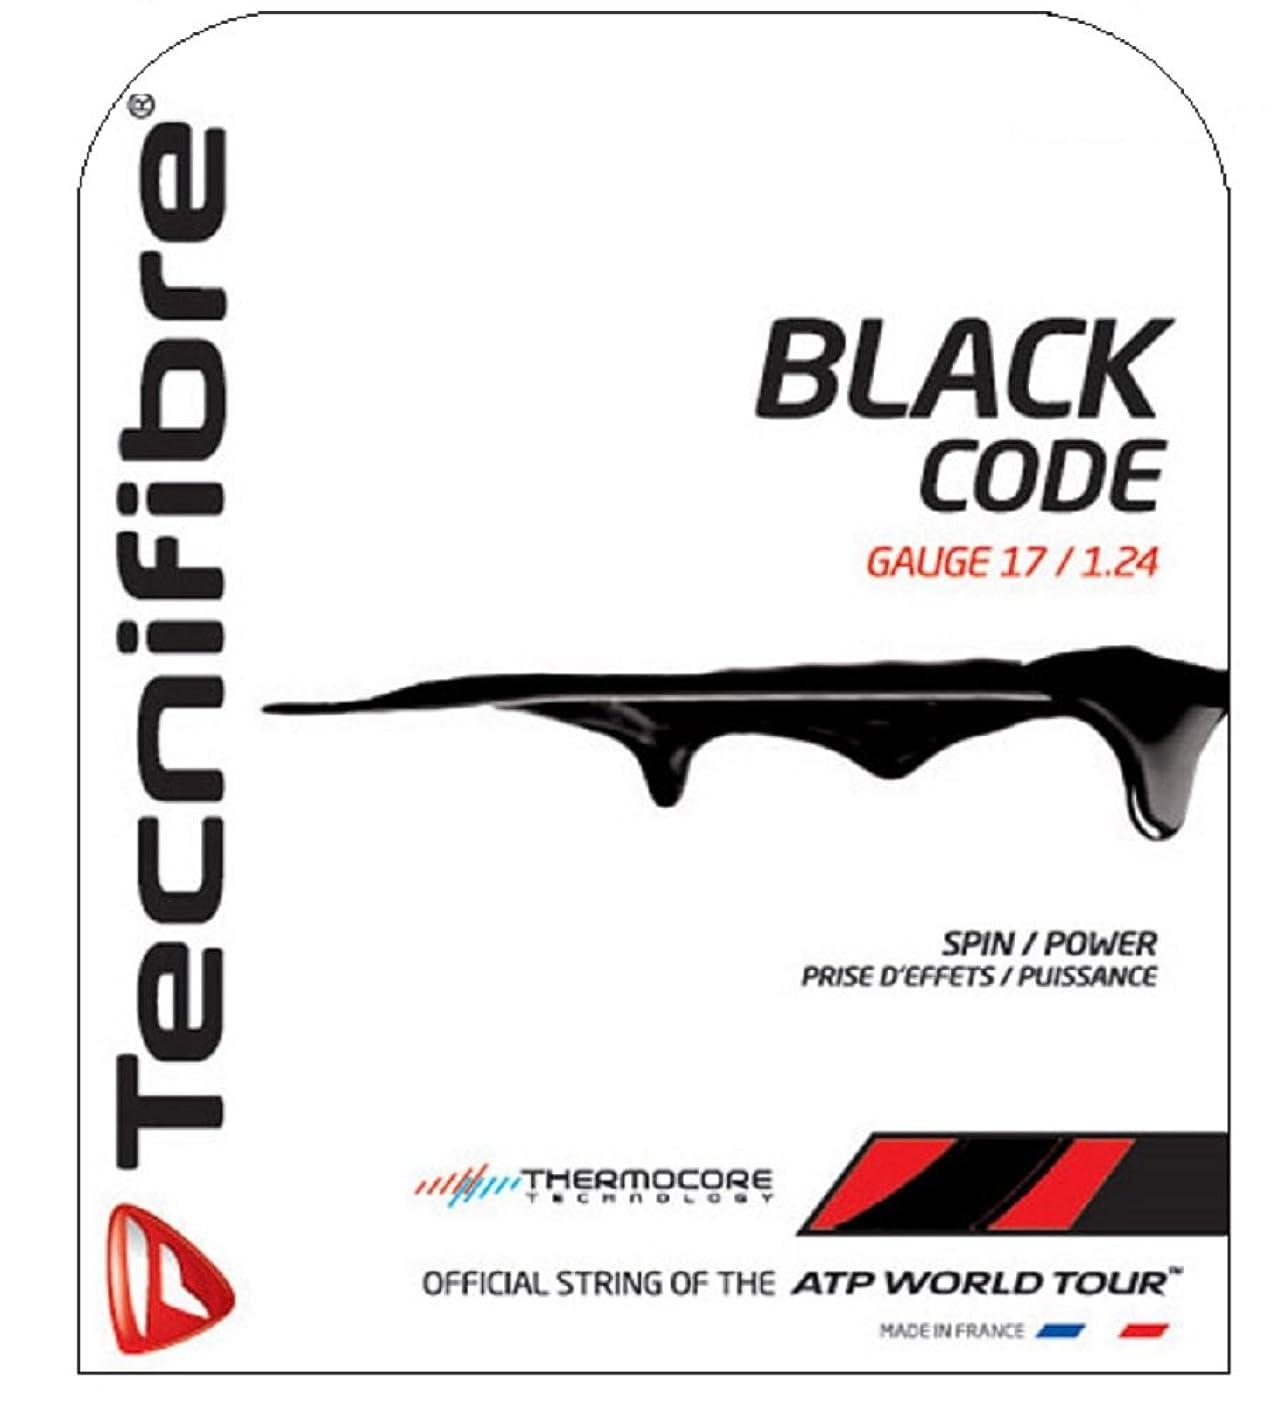 オリエンテーション法廷よりテクニファイバー(Tecnifibre) テニス ガット ブラックコード BLACK CODE 12m